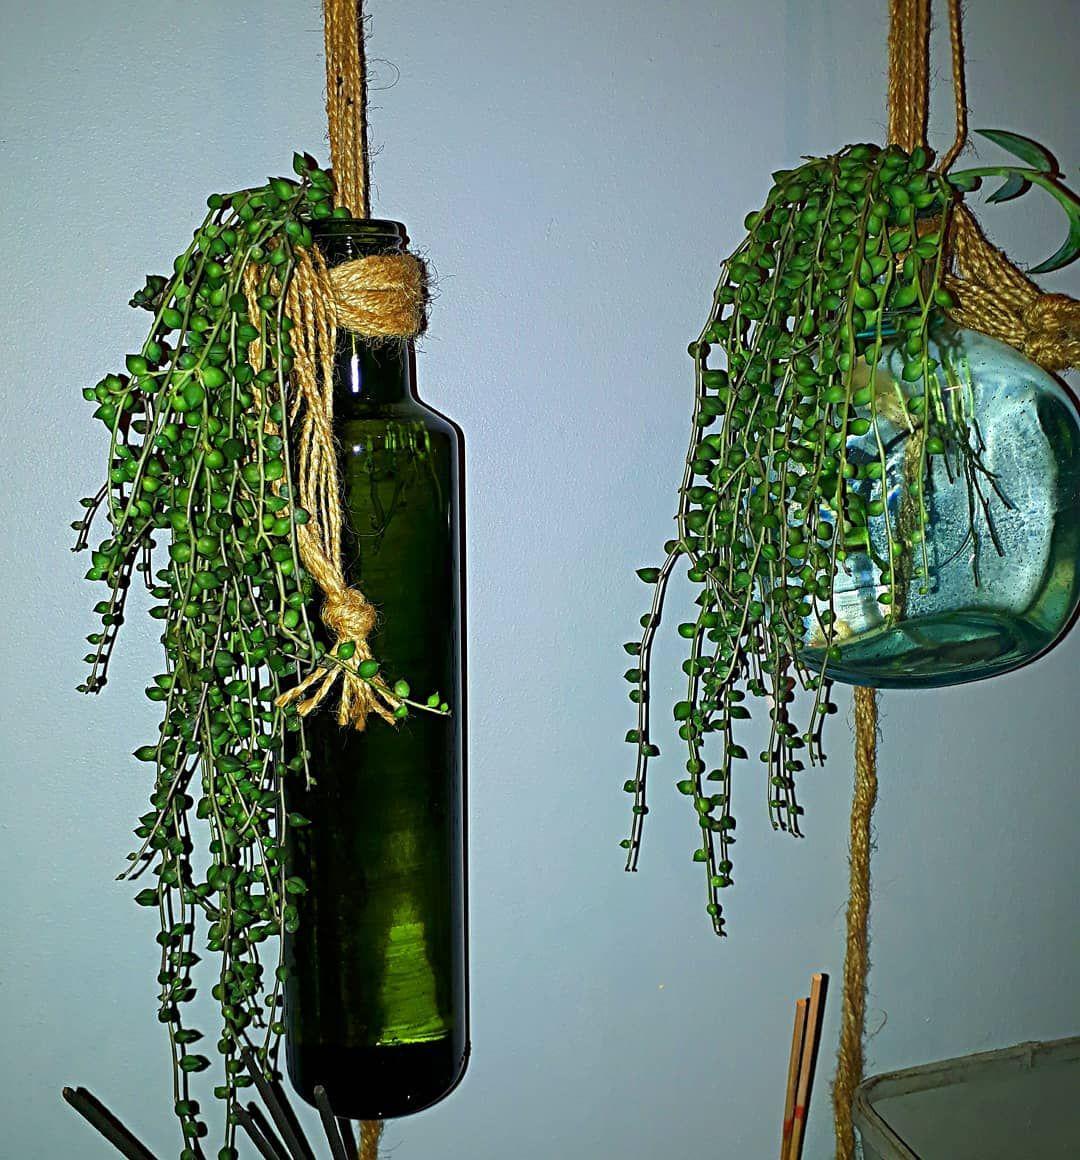 #suculentas #suculenta #plantsmakepeoplehappy #cactosesuculentas #succulents #succulentlover #succulentlove #cactilove...